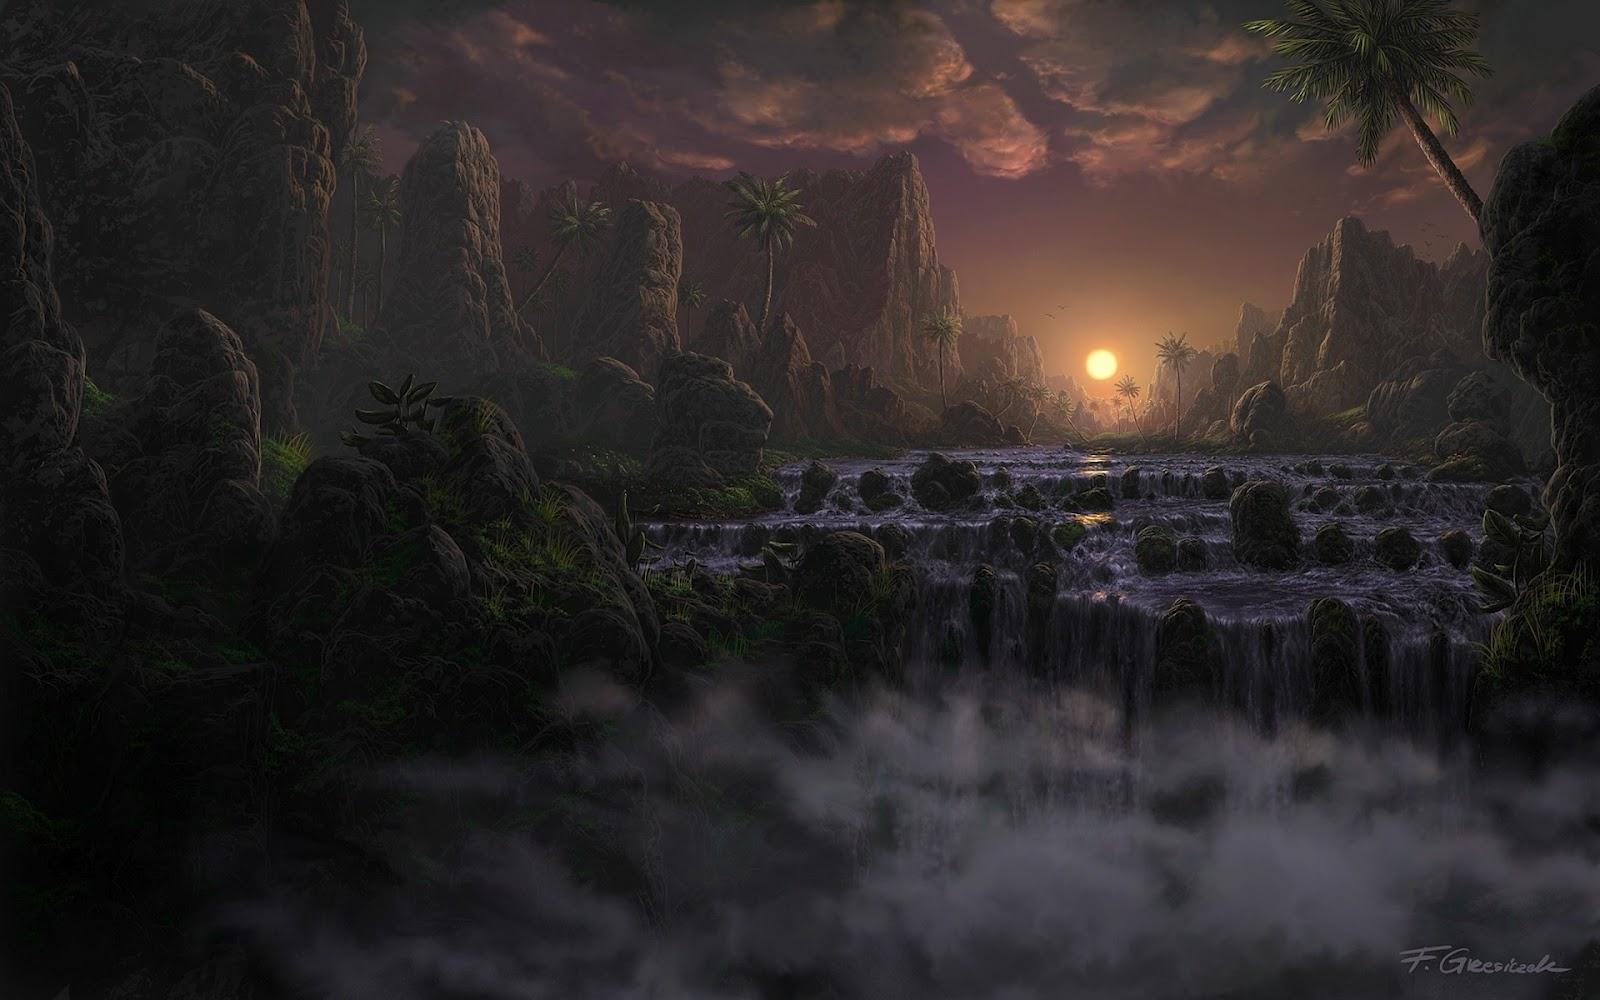 http://4.bp.blogspot.com/-RpBXLjau93g/UBVfgObeYdI/AAAAAAAAAQ4/hHJgBuSFvIg/s1600/wallpaper-2095942.jpg